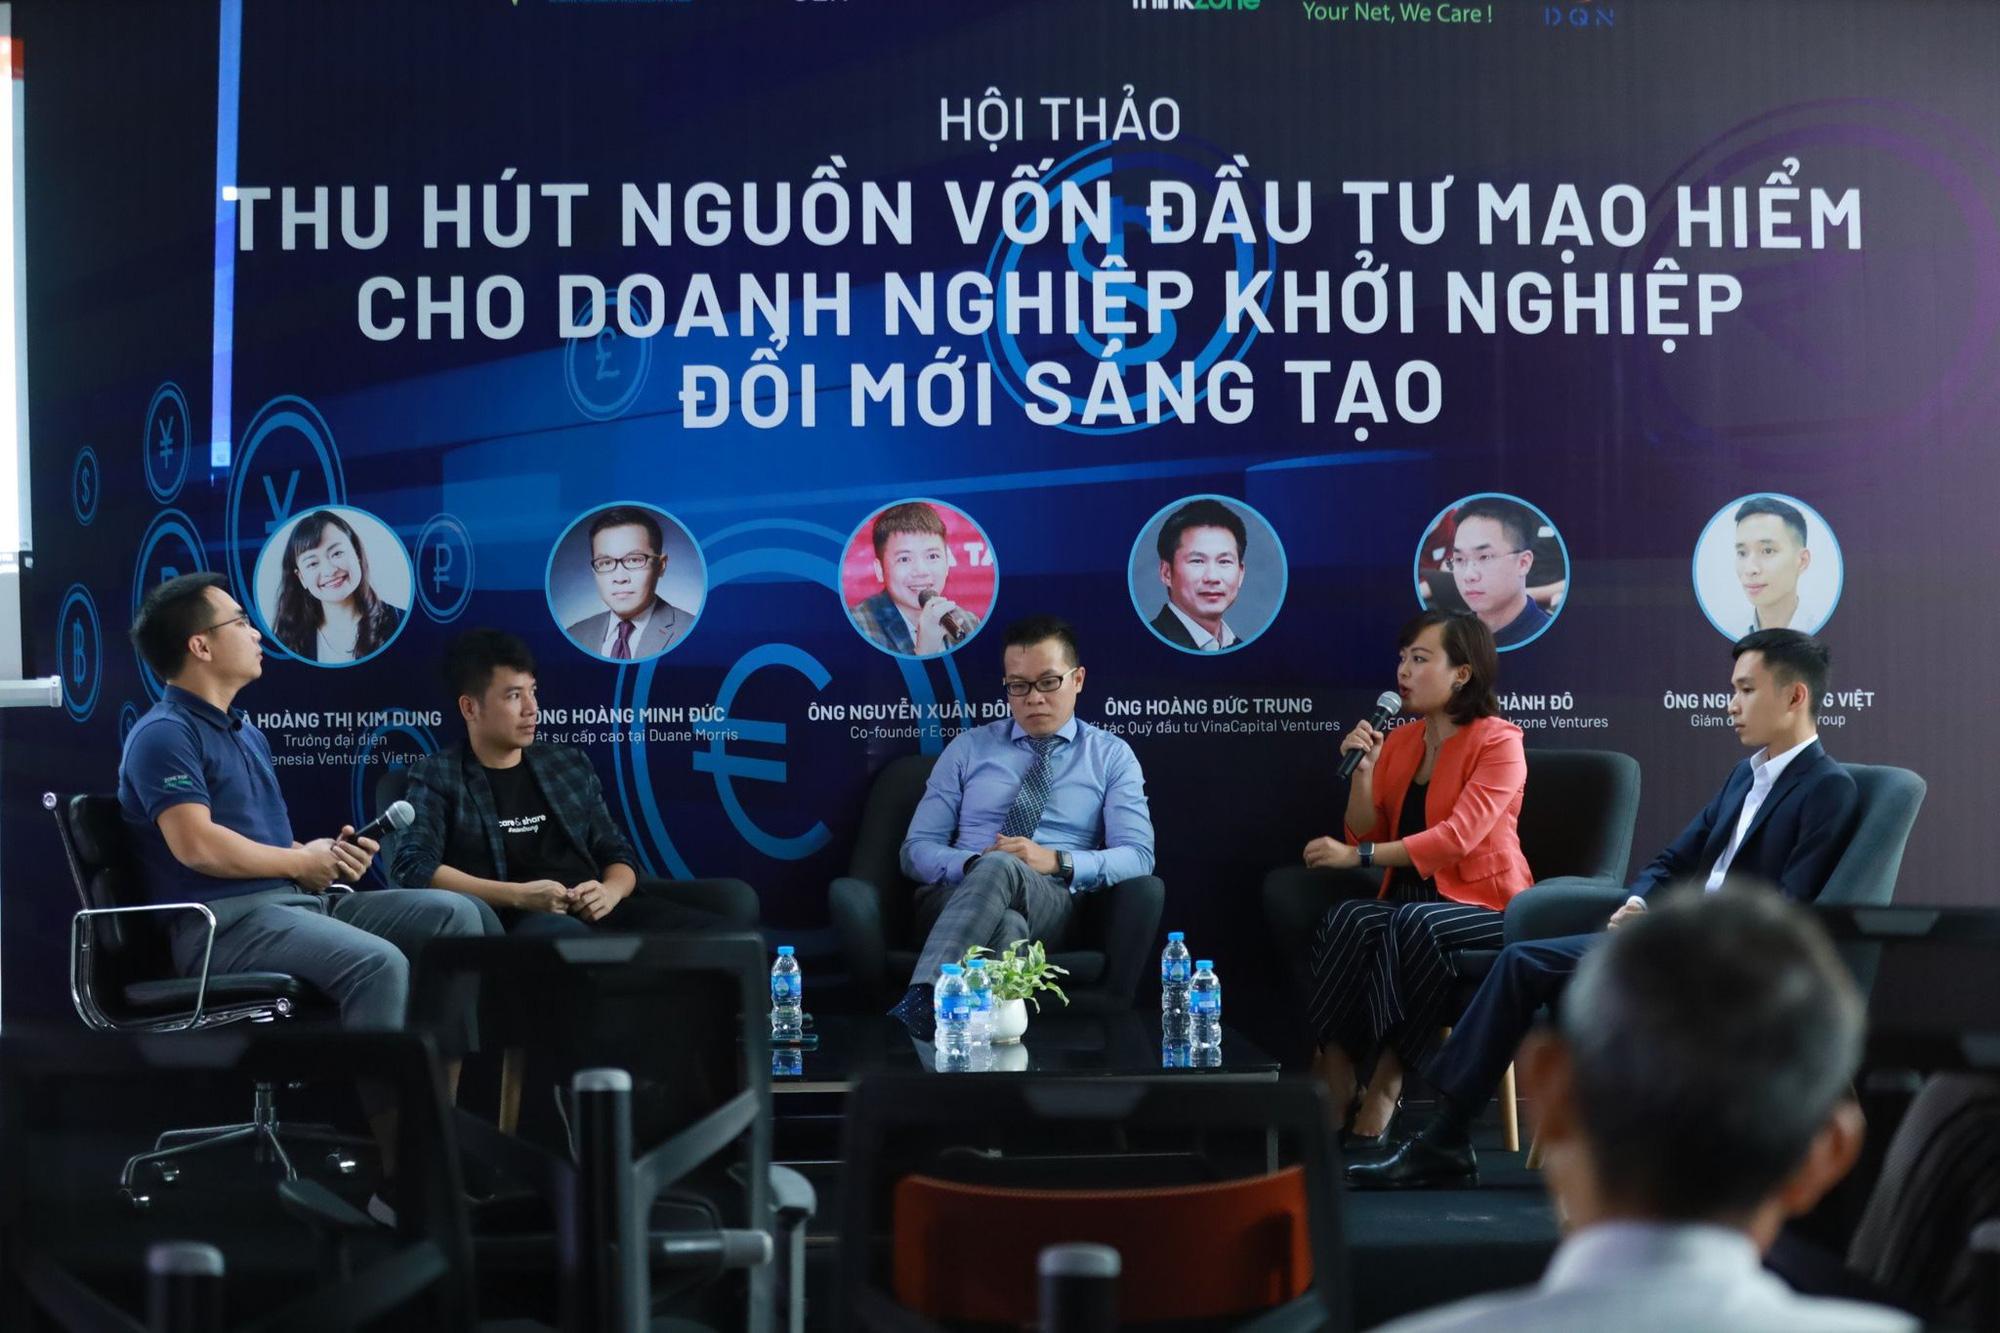 Cơ hội lớn cho các startup: Sắp có Liên minh các quỹ đầu tư mạo hiểm tại Việt Nam - Ảnh 1.